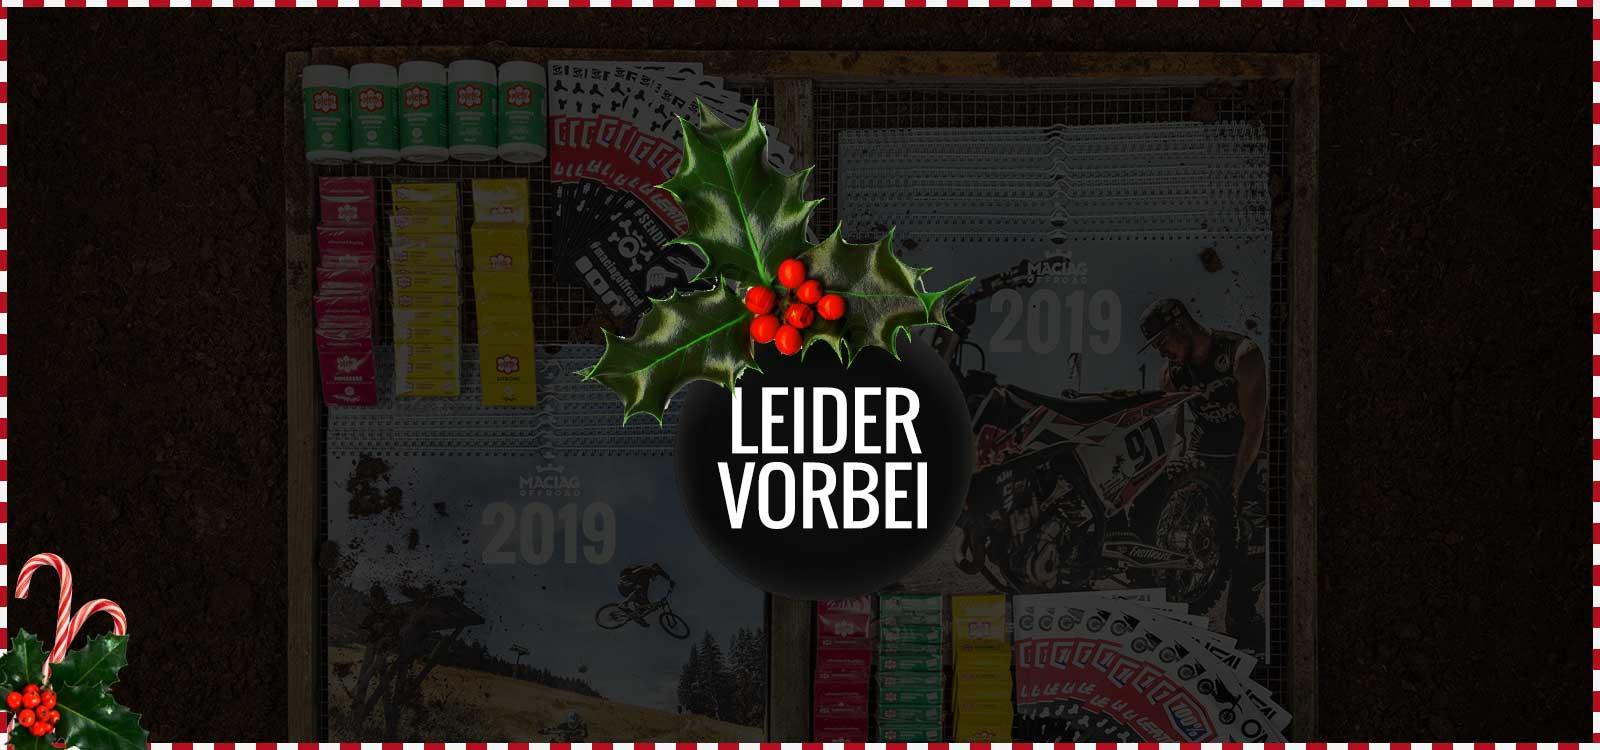 Tür 3 - Leider Vorbei